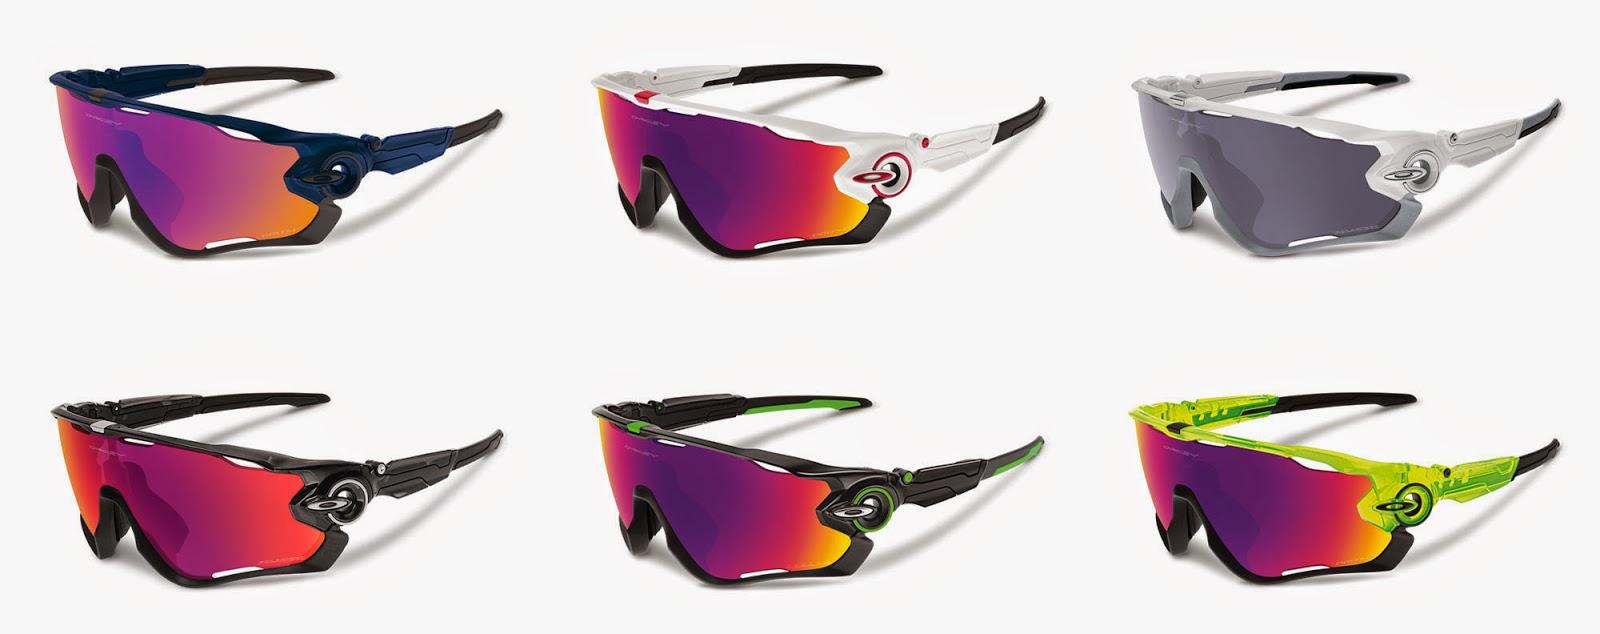 new oakleys 2015  Hope Cyclery: New Products- Oakley\u0027s New Jawbreaker